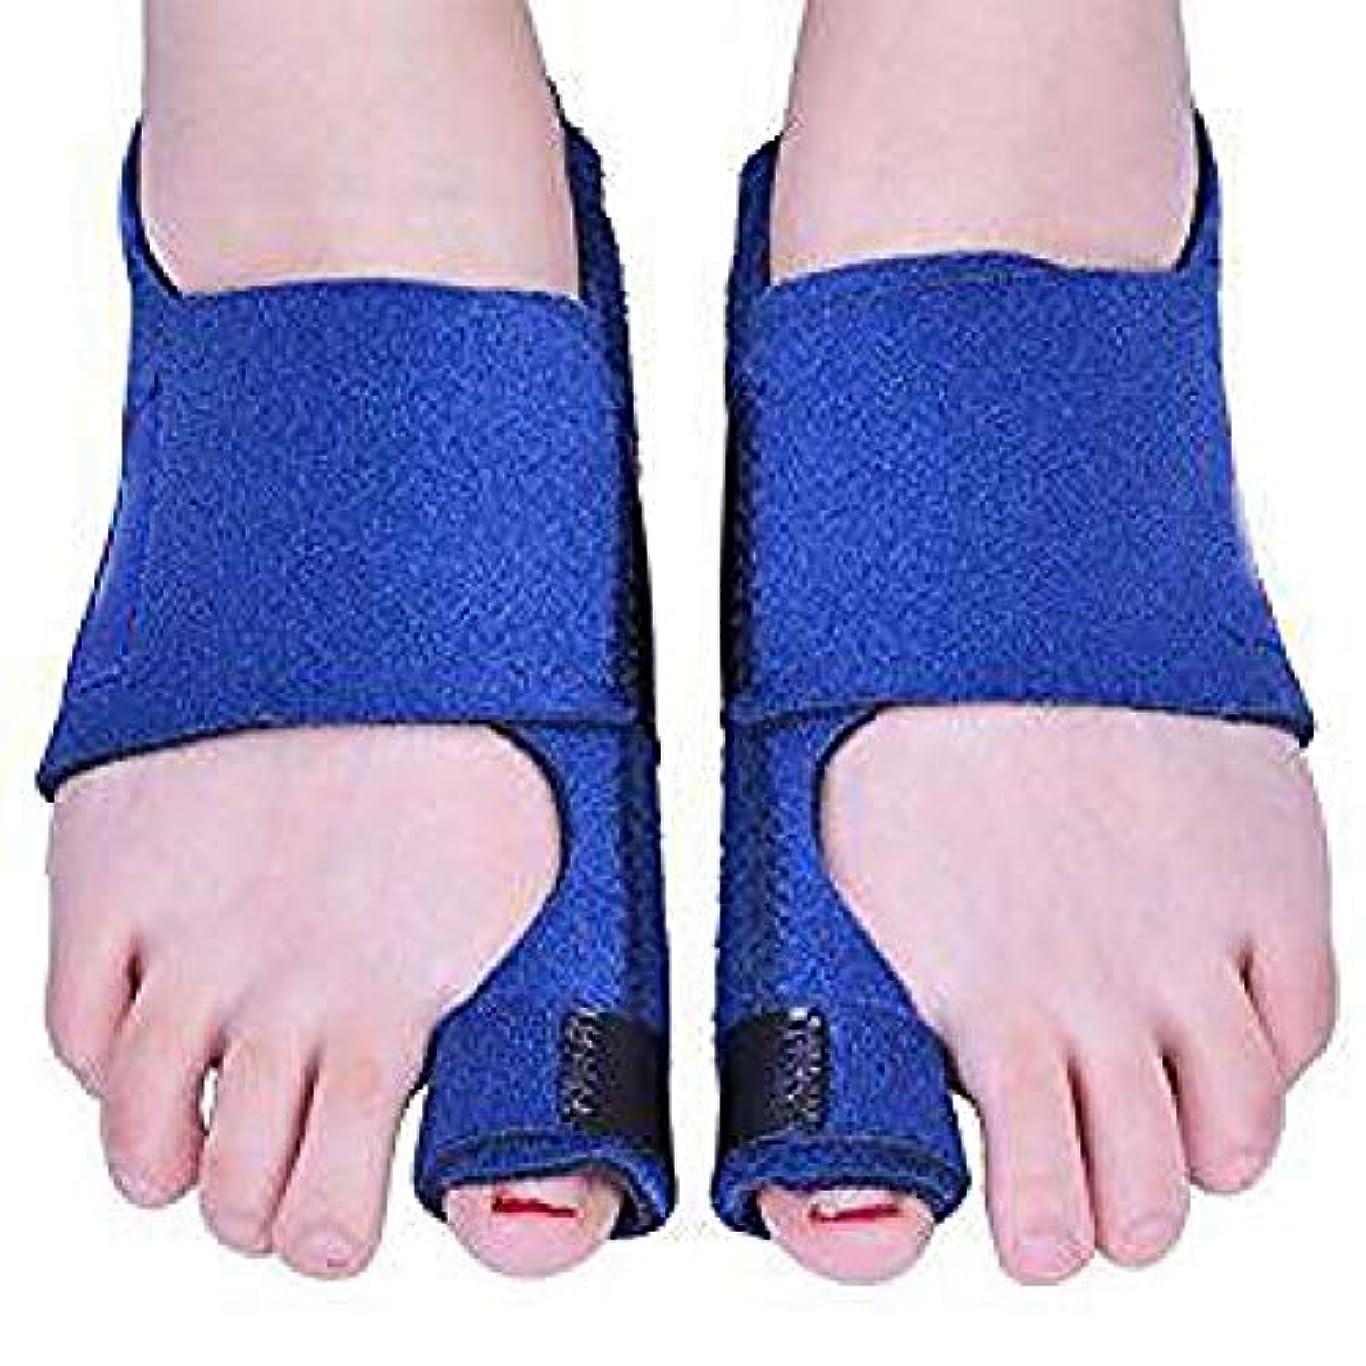 はがき連結する郵便物つま先矯正、重なったハンマー用のつま先のケア、つま先の痛み、平らな足の痛み、男性と女性用のつま先のストレートナー,Blue